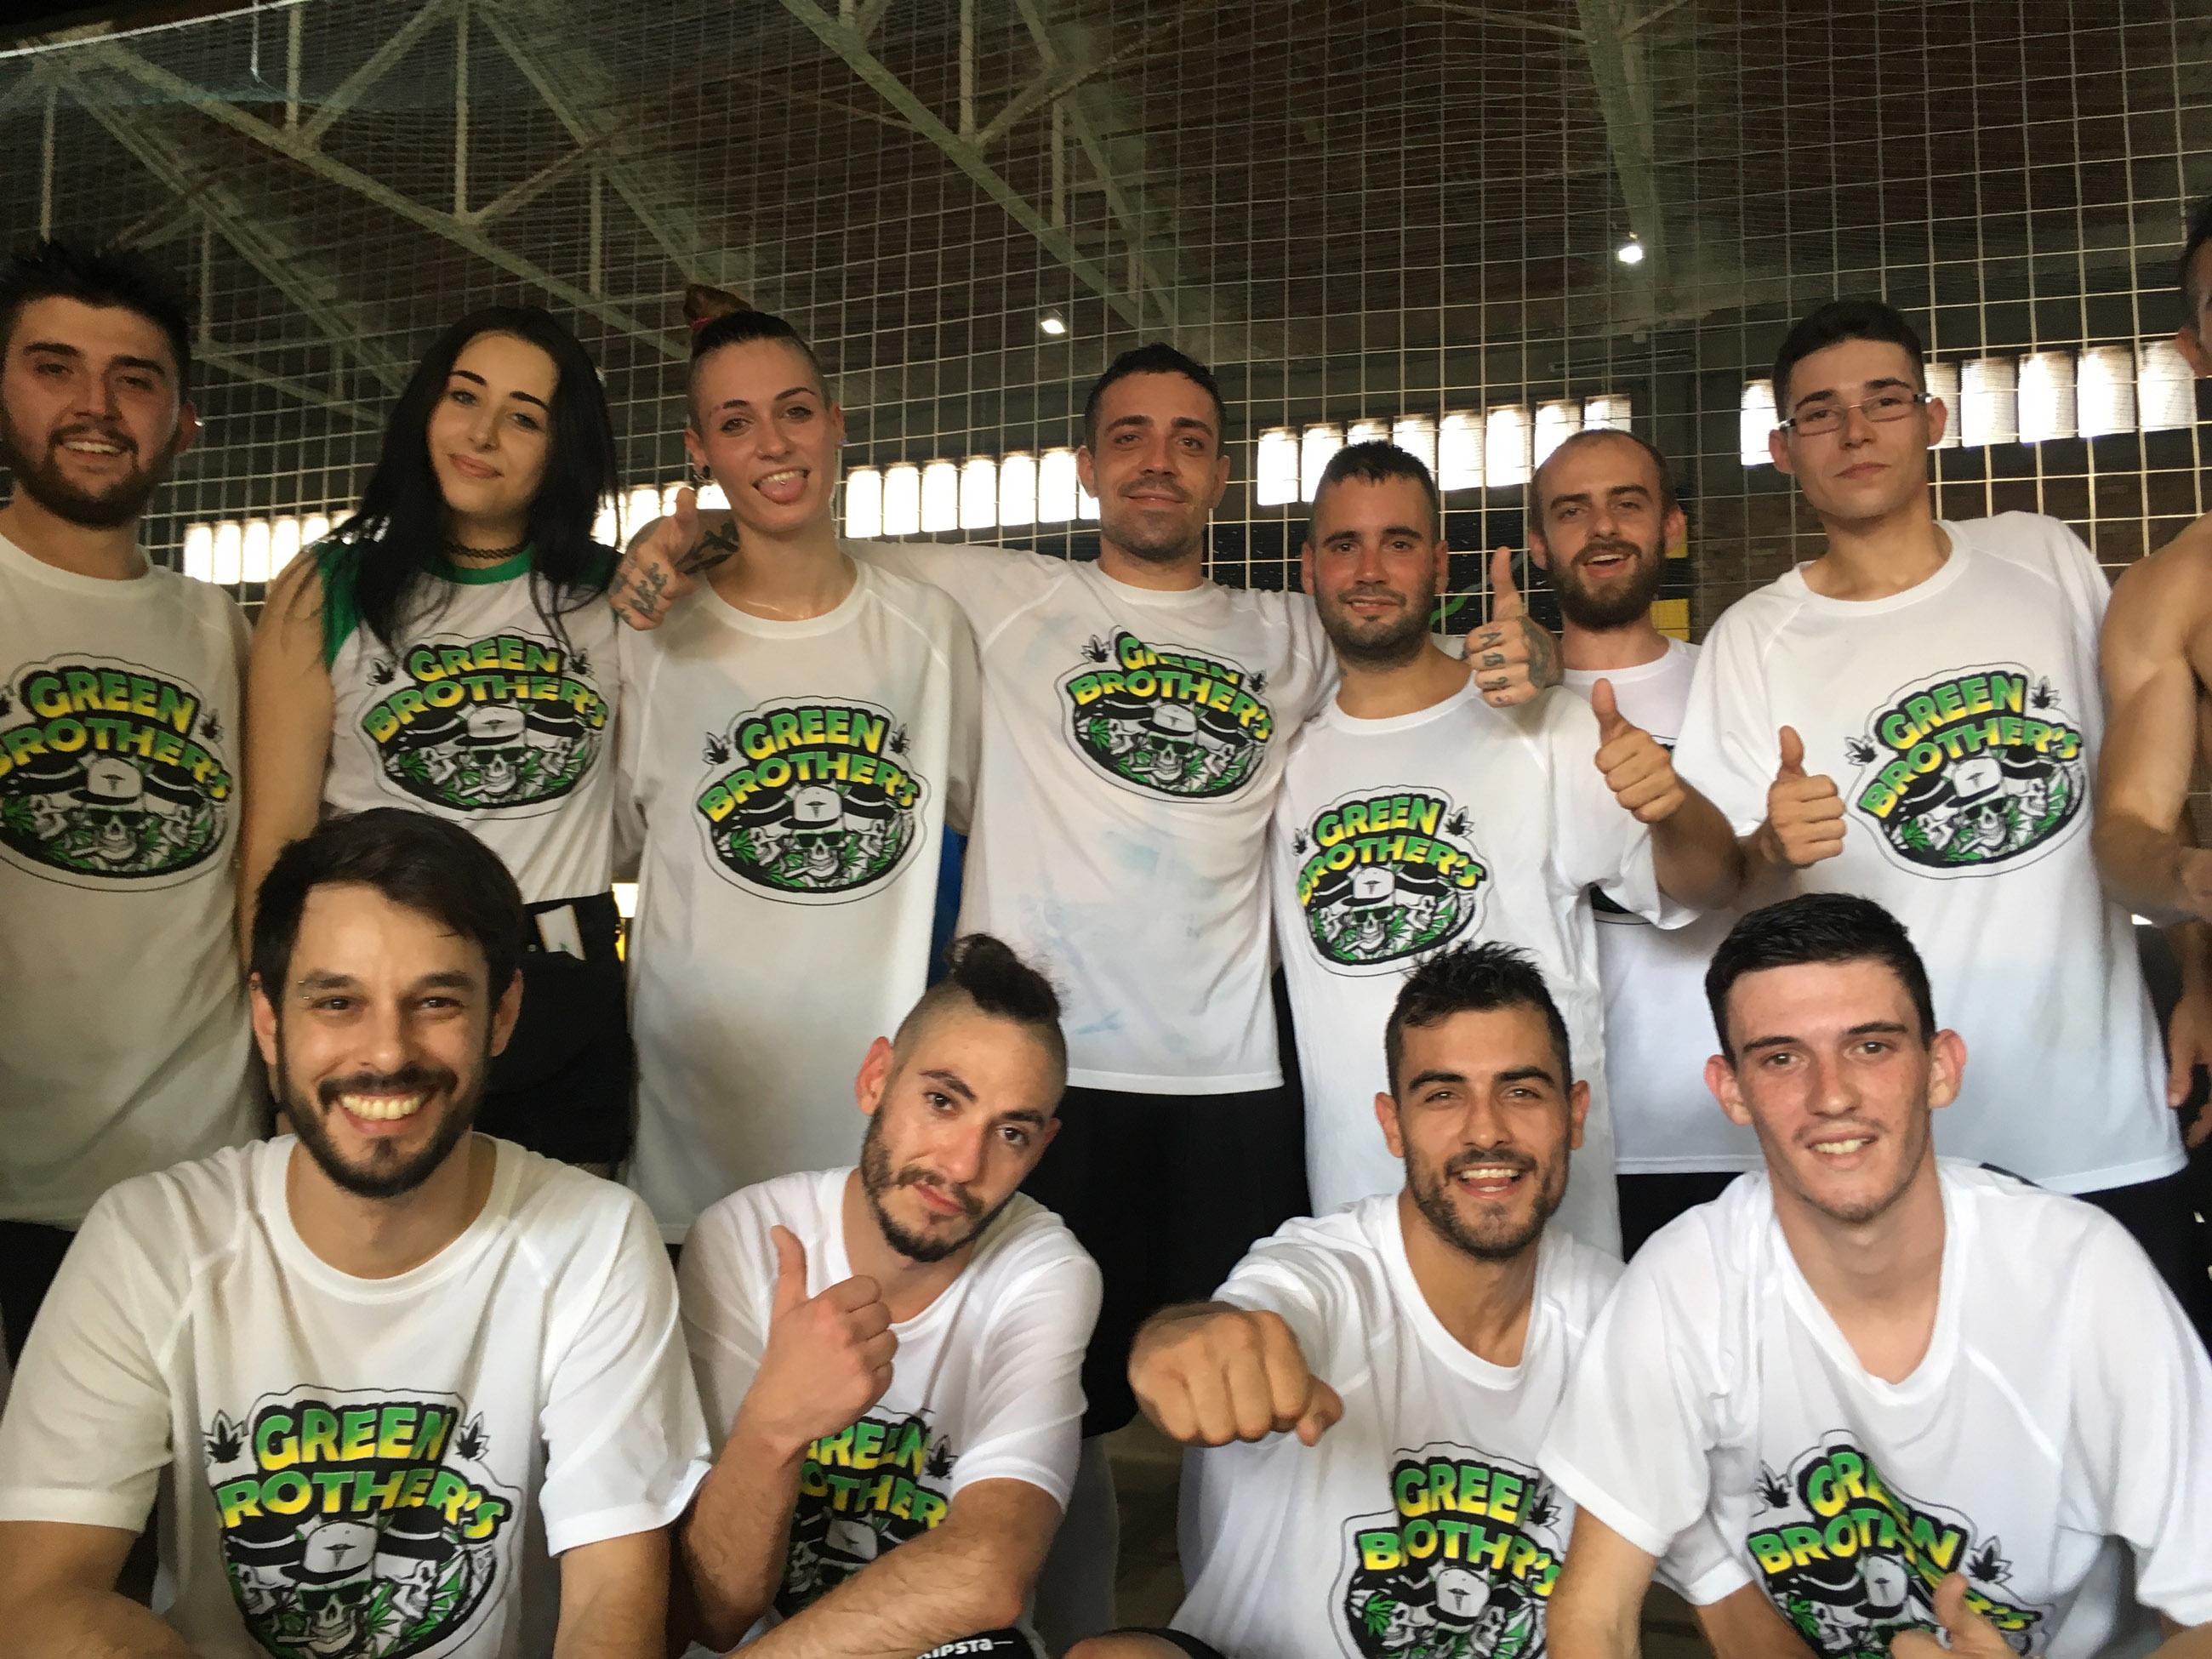 Foto der Green Brothers, das im Rahmen der Mary Jane Football League aufgenommen wurde. Anders als der Name vermuten lässt, sind auch Frauen Teil des Teams. Die elf Spieler und Spielerinnen tragen weiße T-Shirts der Cannabis Dispensary Green Brothers, die sich in Barcelona befindet.